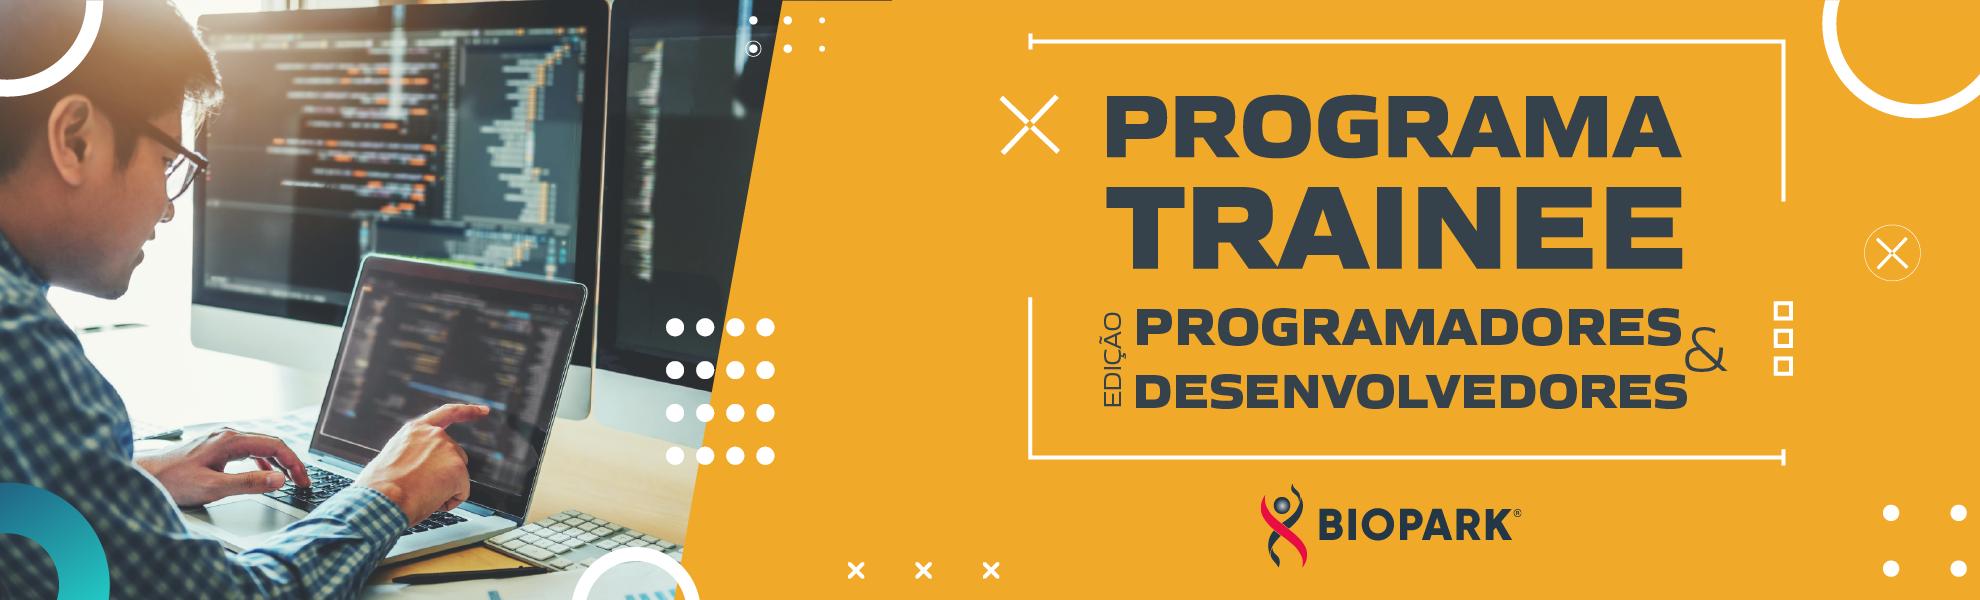 Programa de Desenvolvedores Trainees